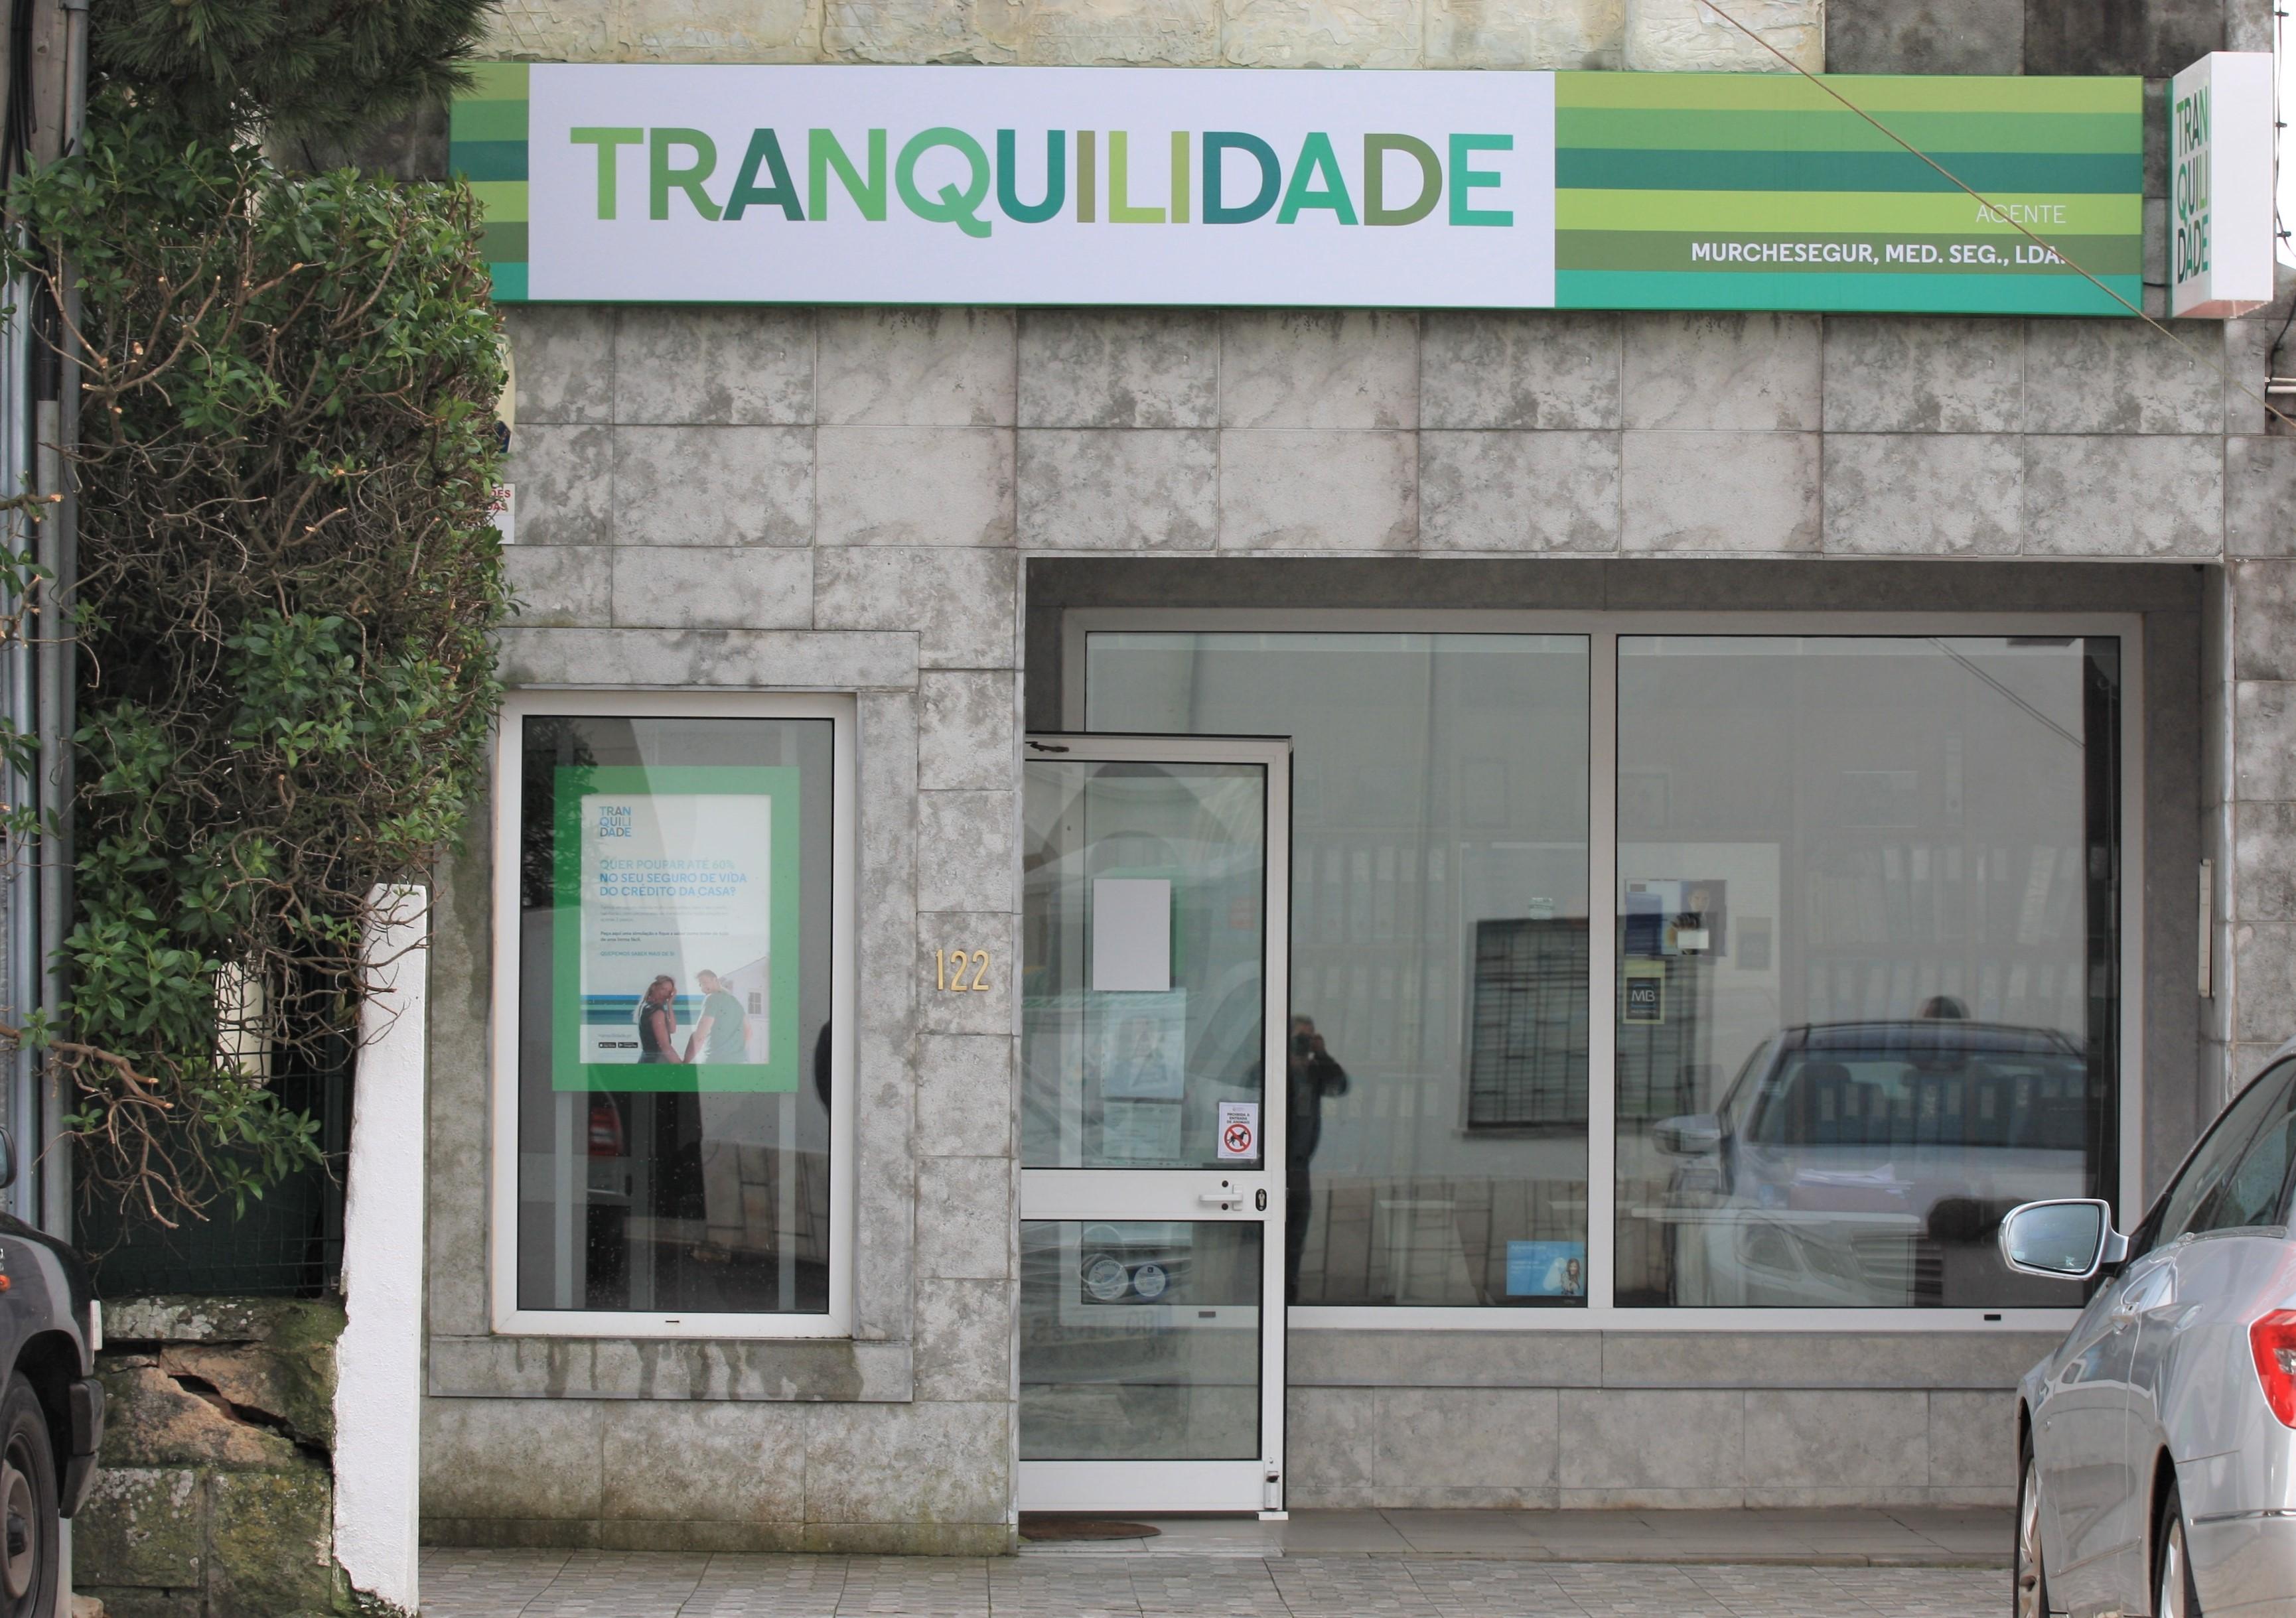 TRANQUILIDADE: Agente Murchesegur Mediação Seguros LDA.